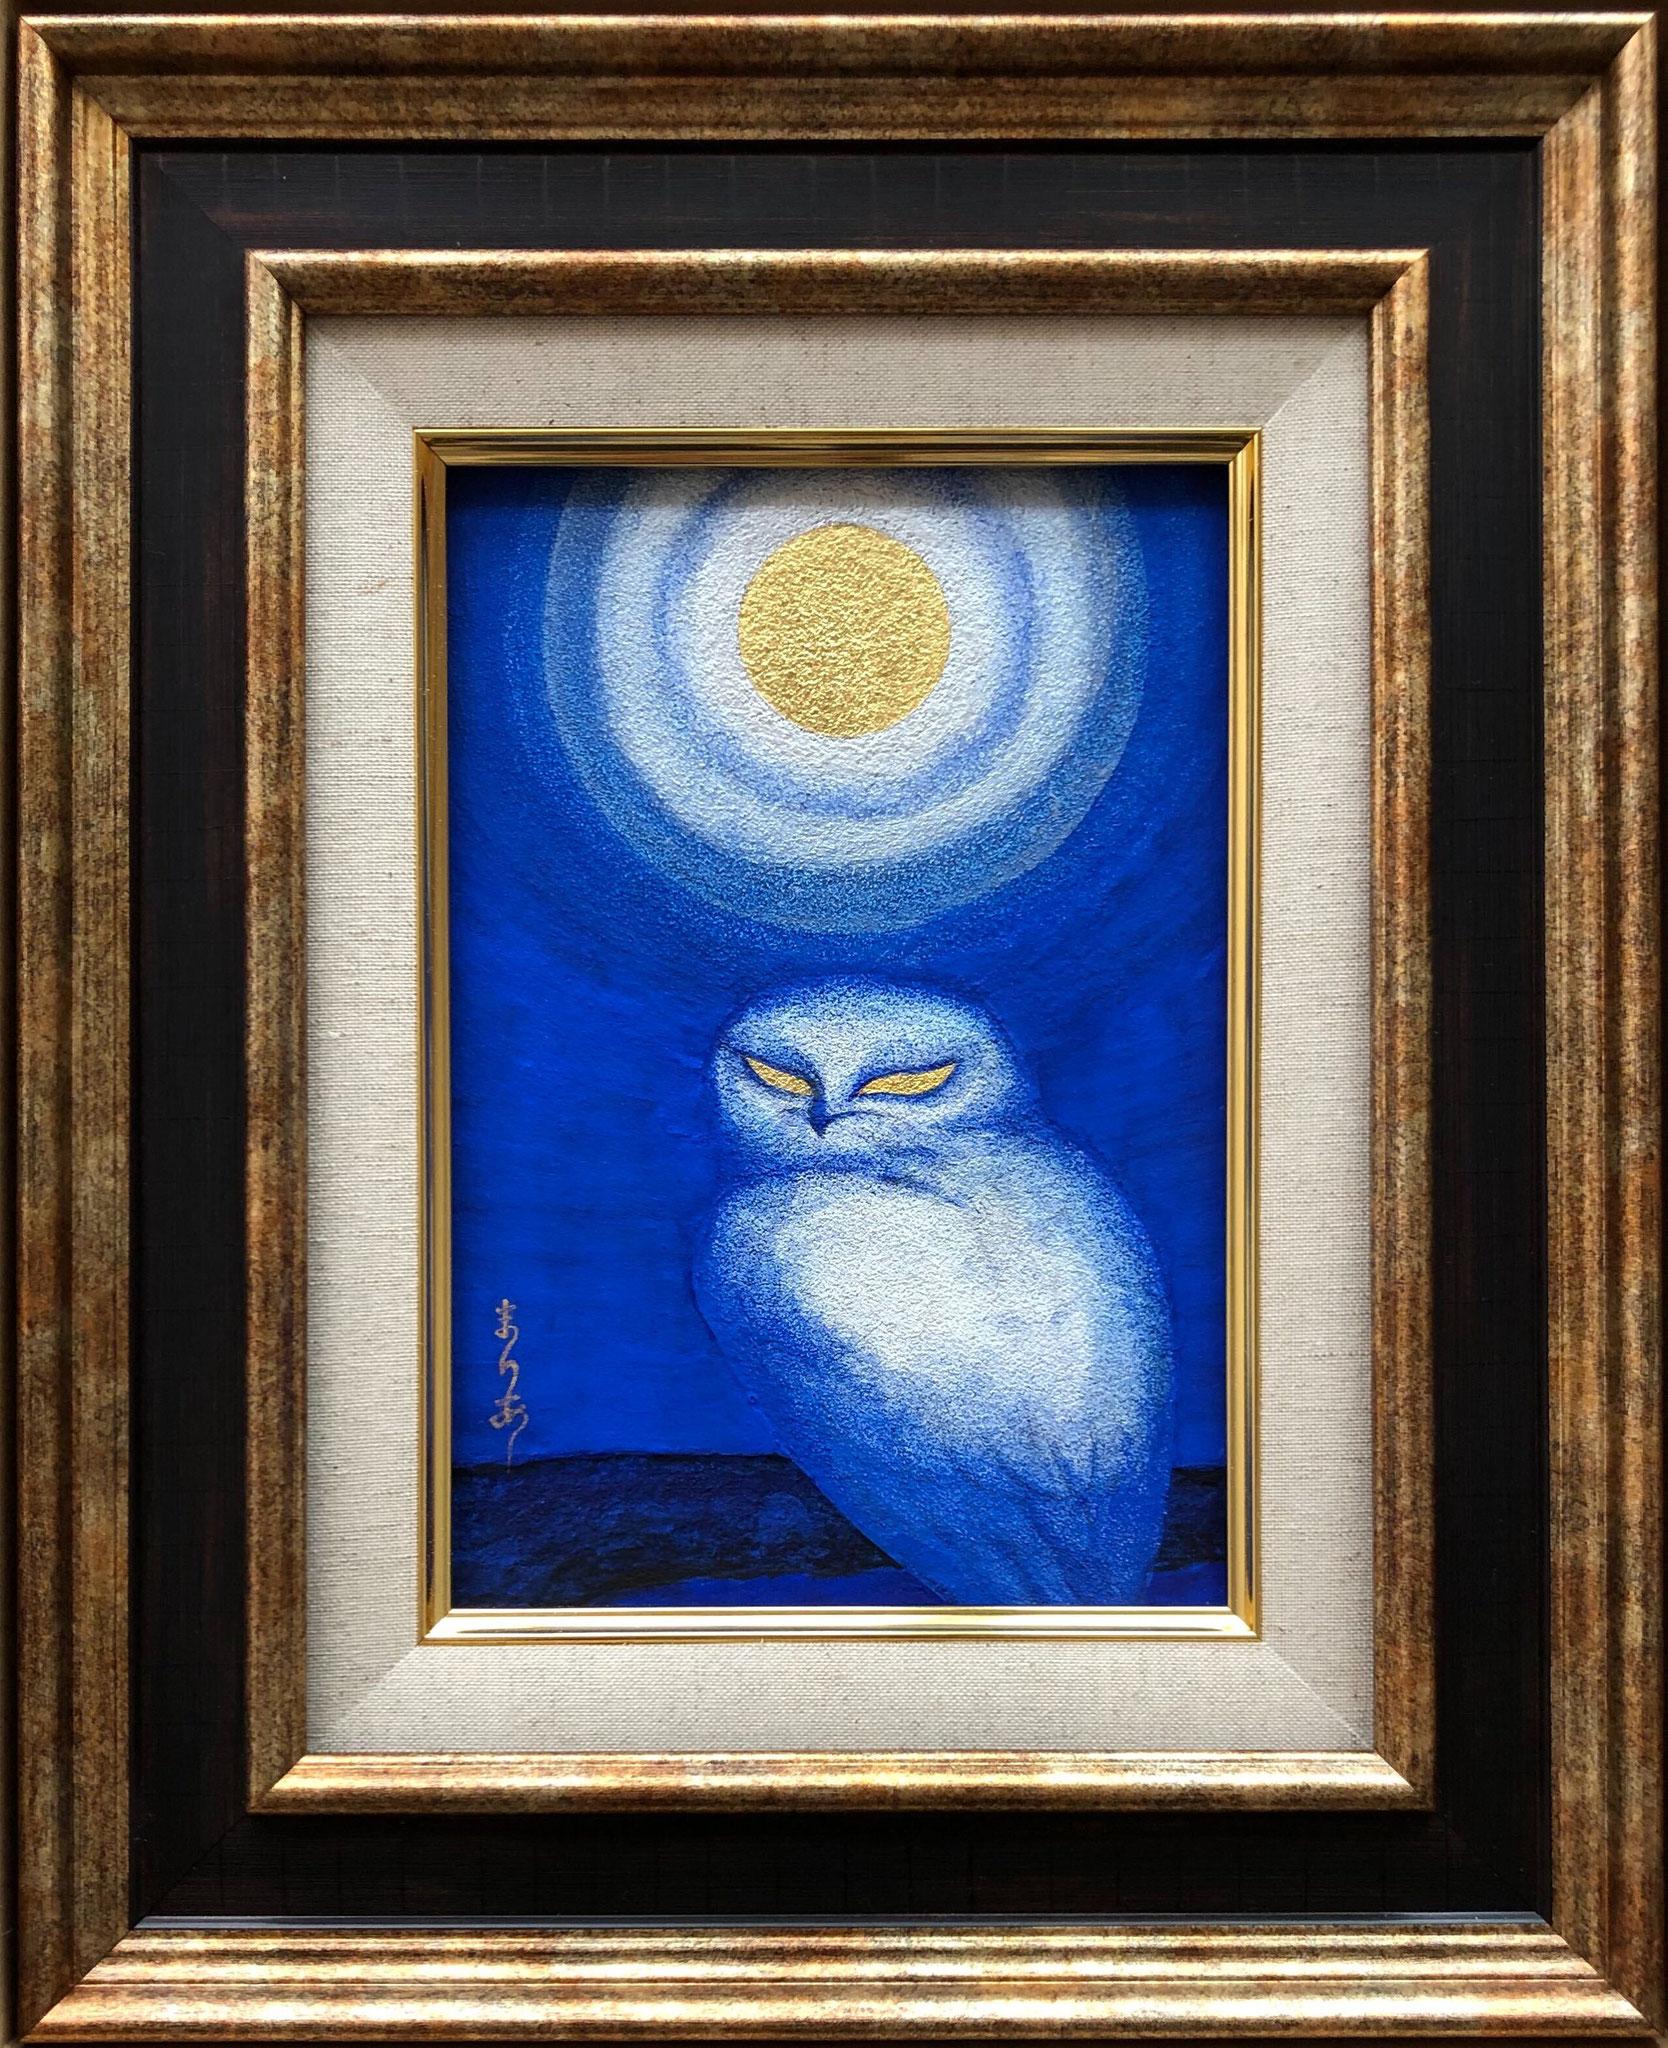 月の鳥Ⅱ 日本画 SM ¥110,000(税別)